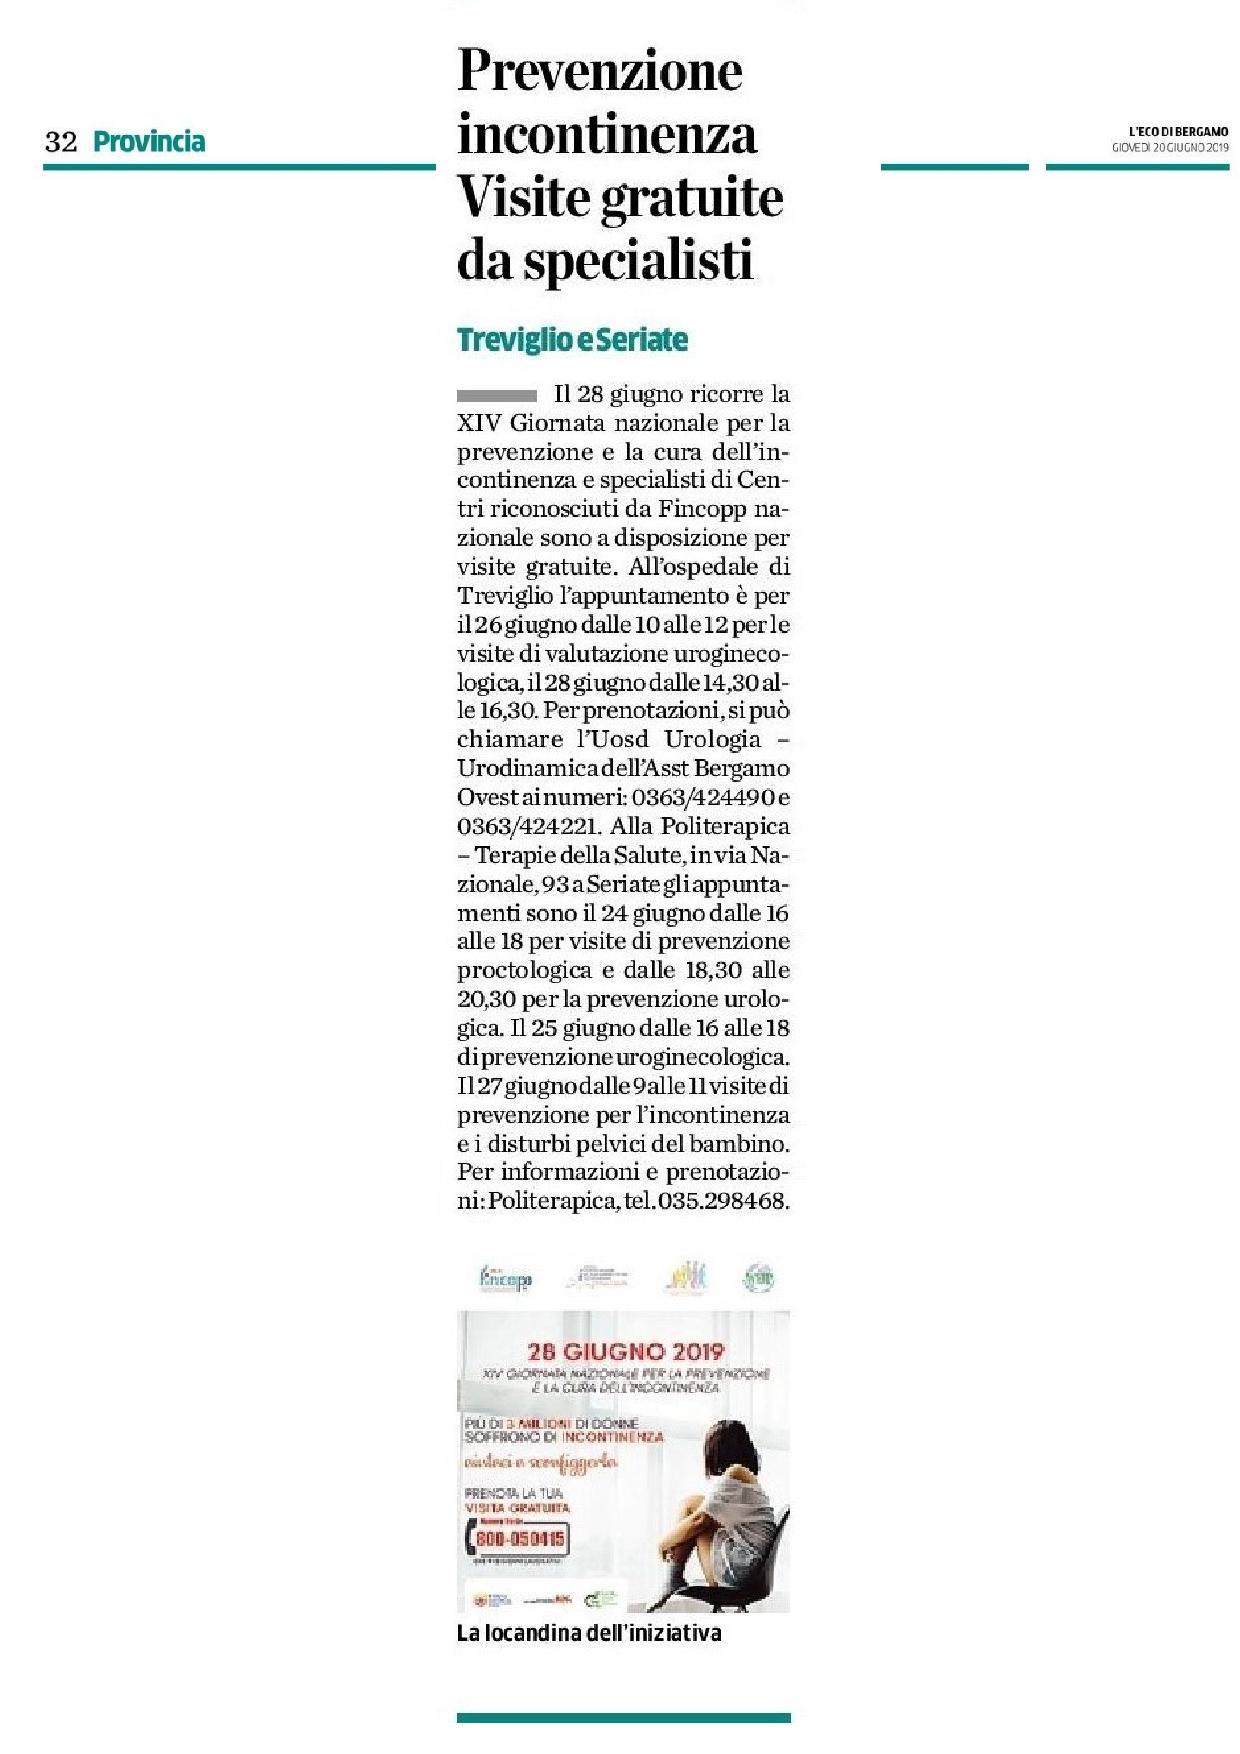 Settimana di visite specialistiche gratuite. Ne parla l'Eco di Bergamo.